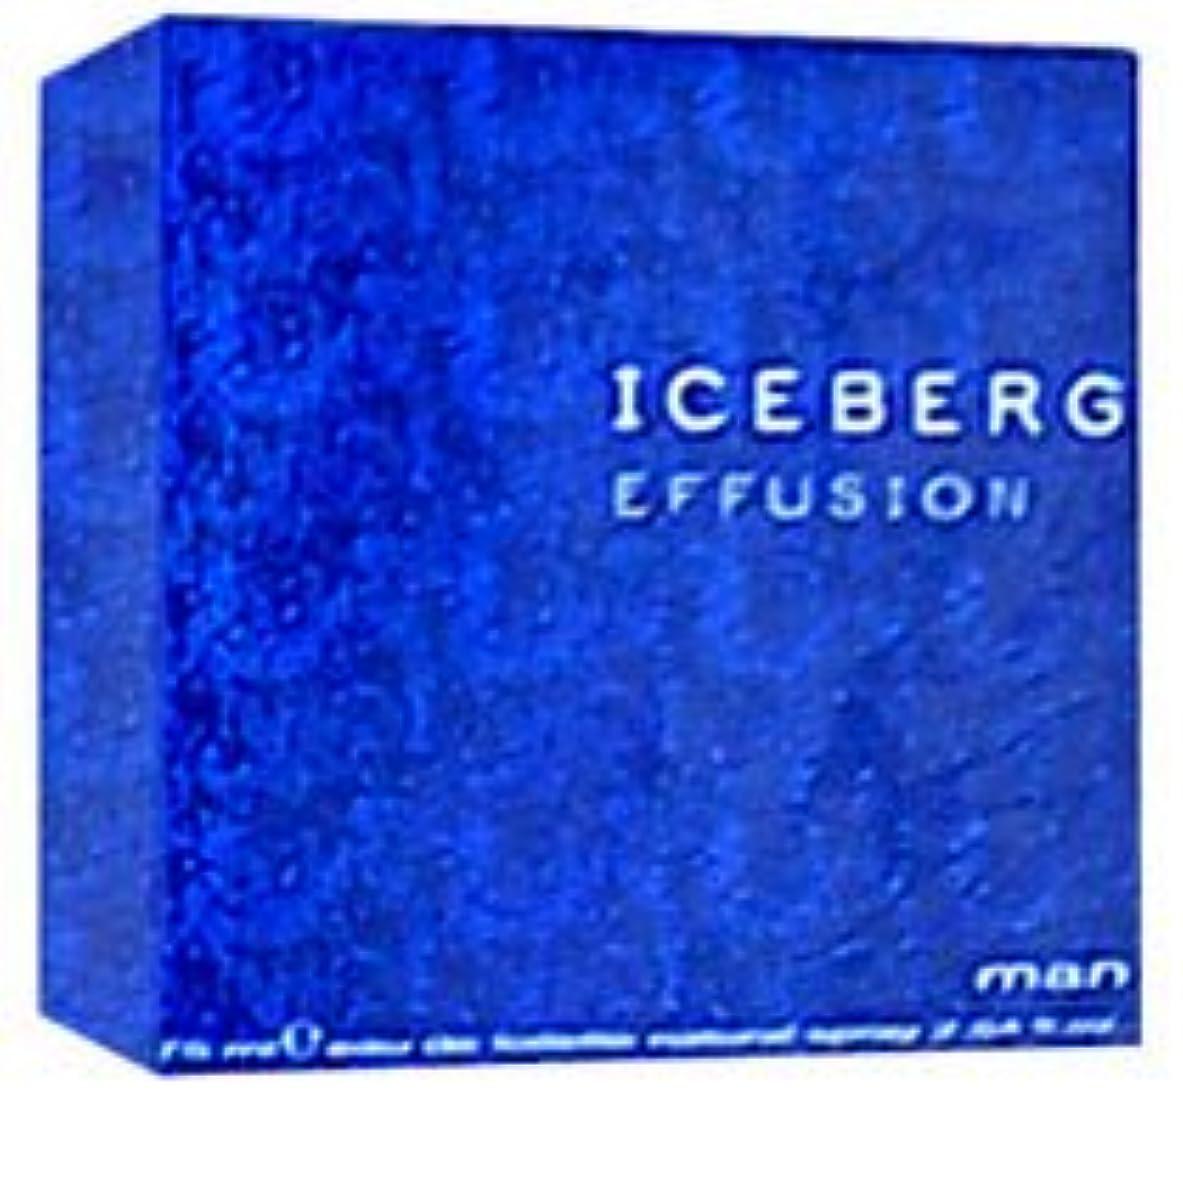 変更可能見捨てる足音Iceberg Effusion (アイスバーグ エフゥージョン)  2.5 oz (75ml) EDT Spray for Men